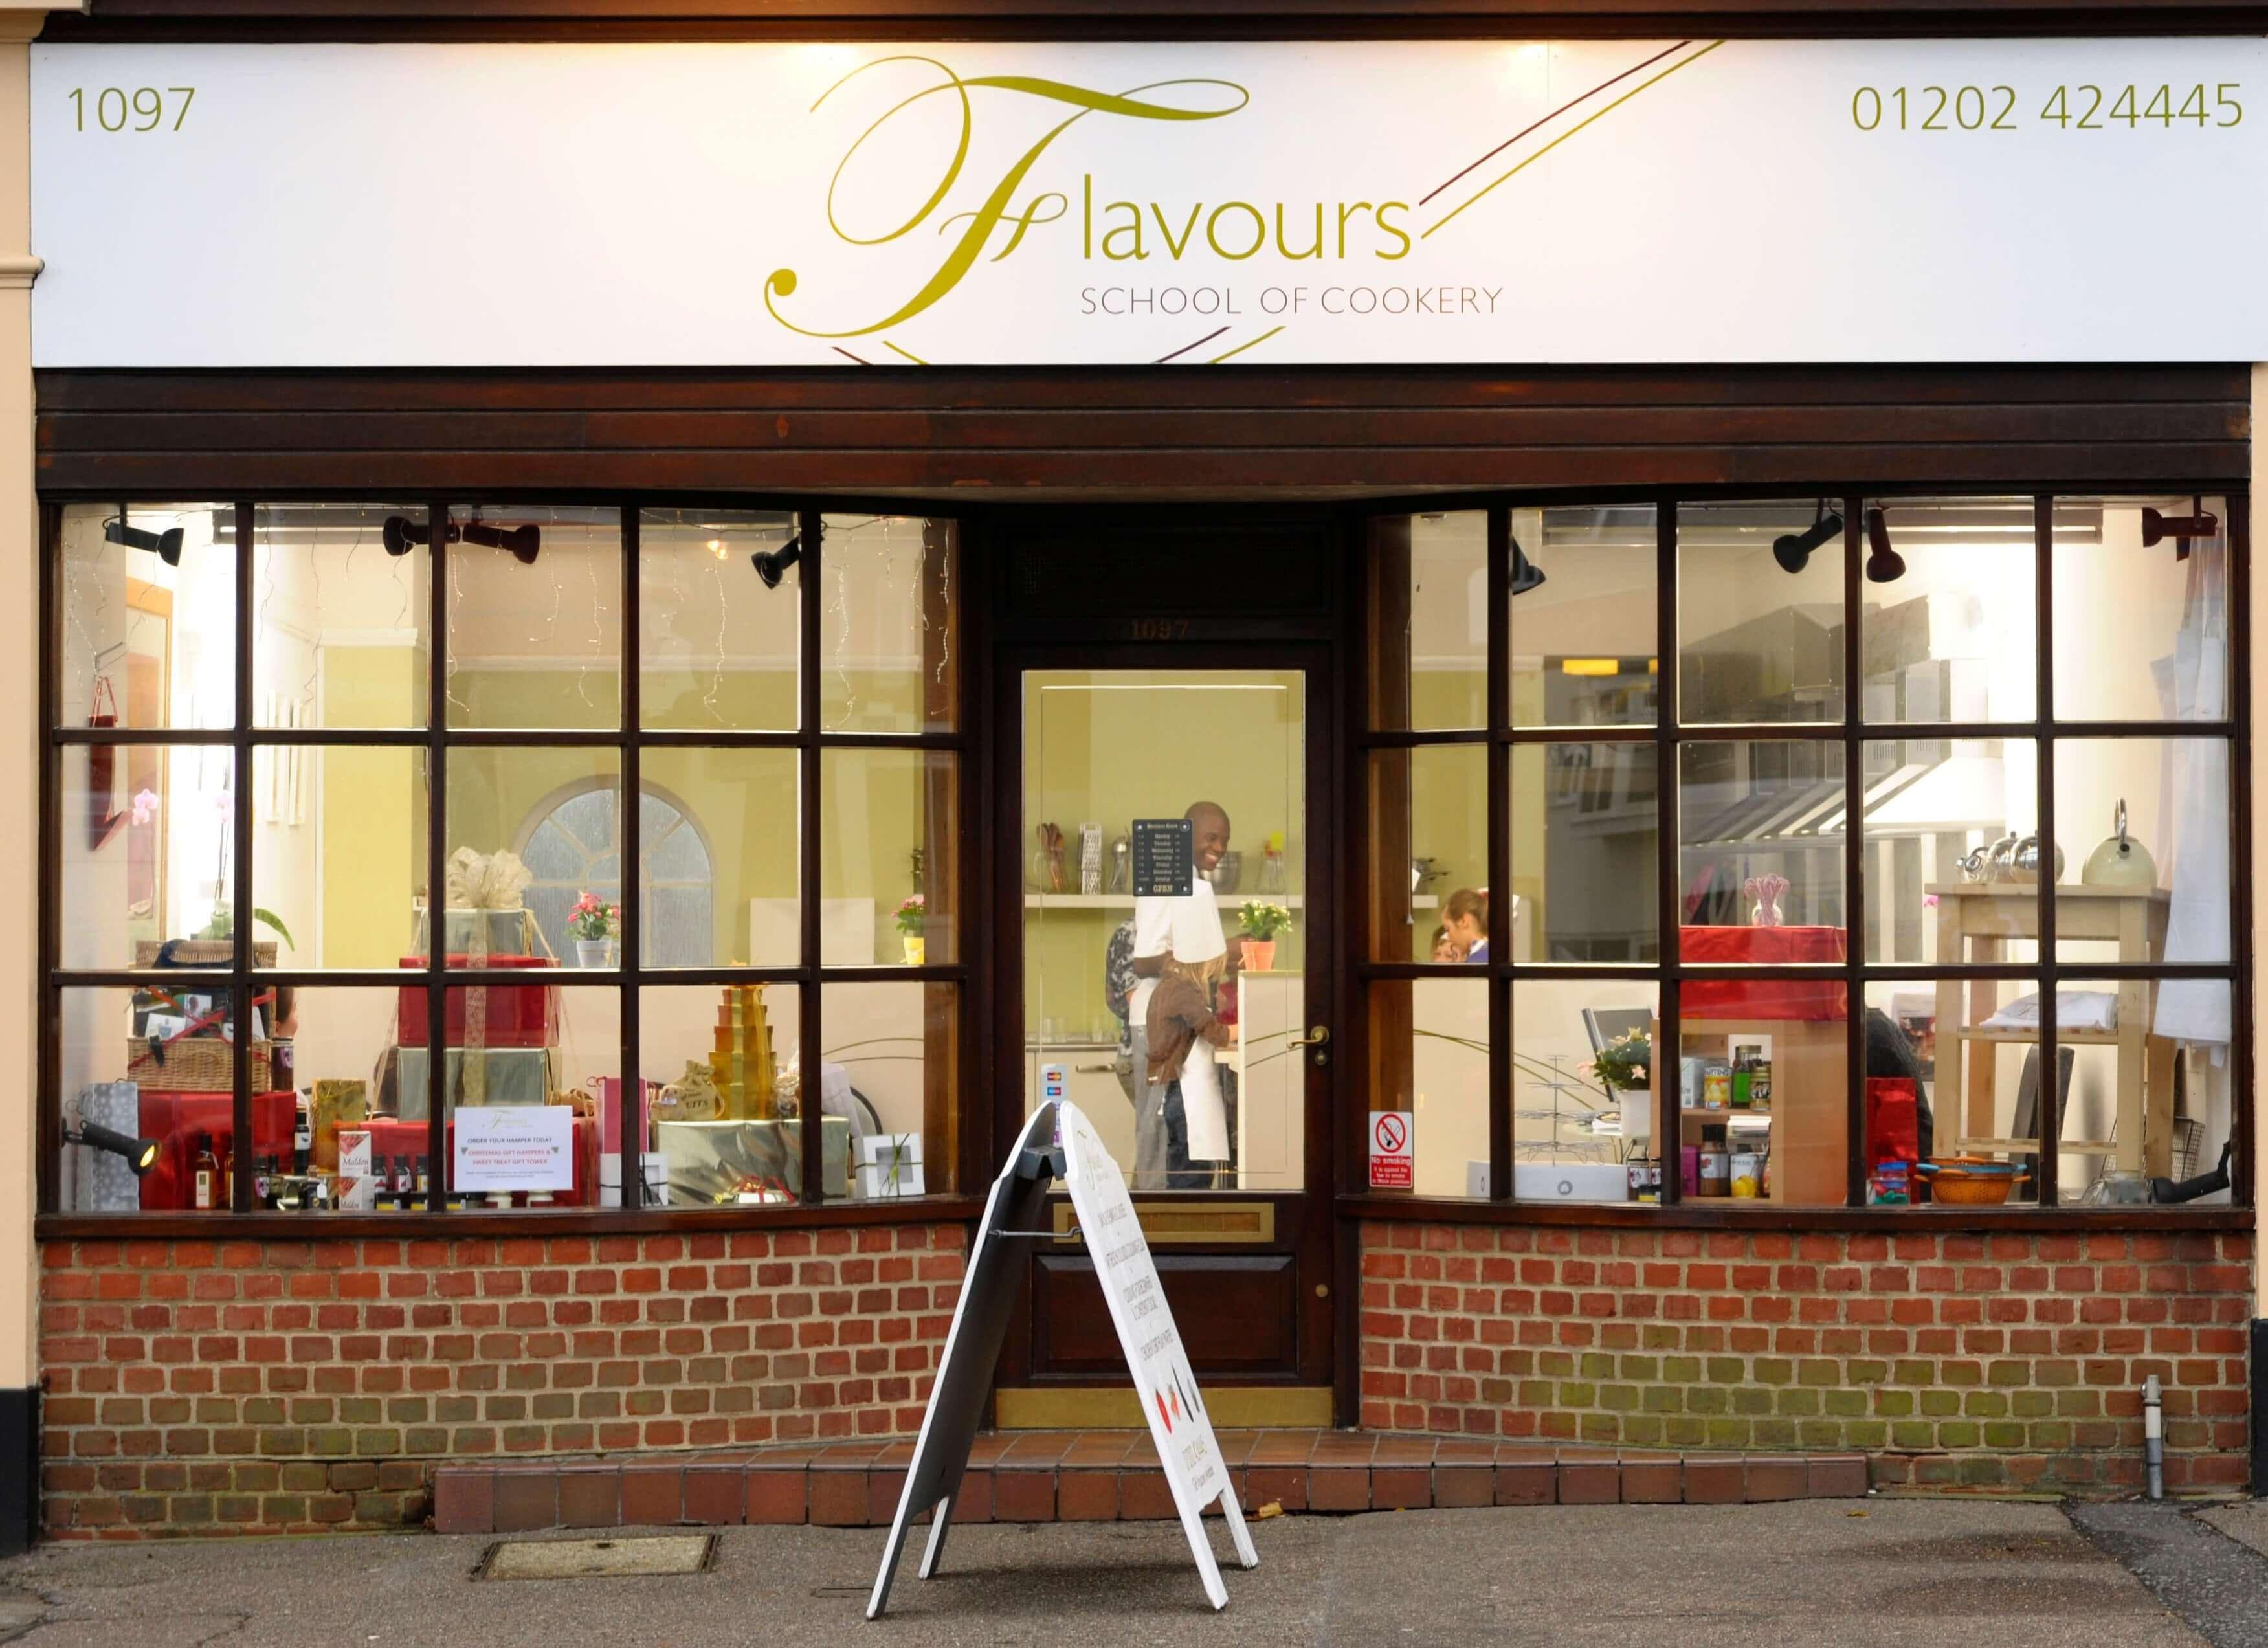 Flavours Shop Front